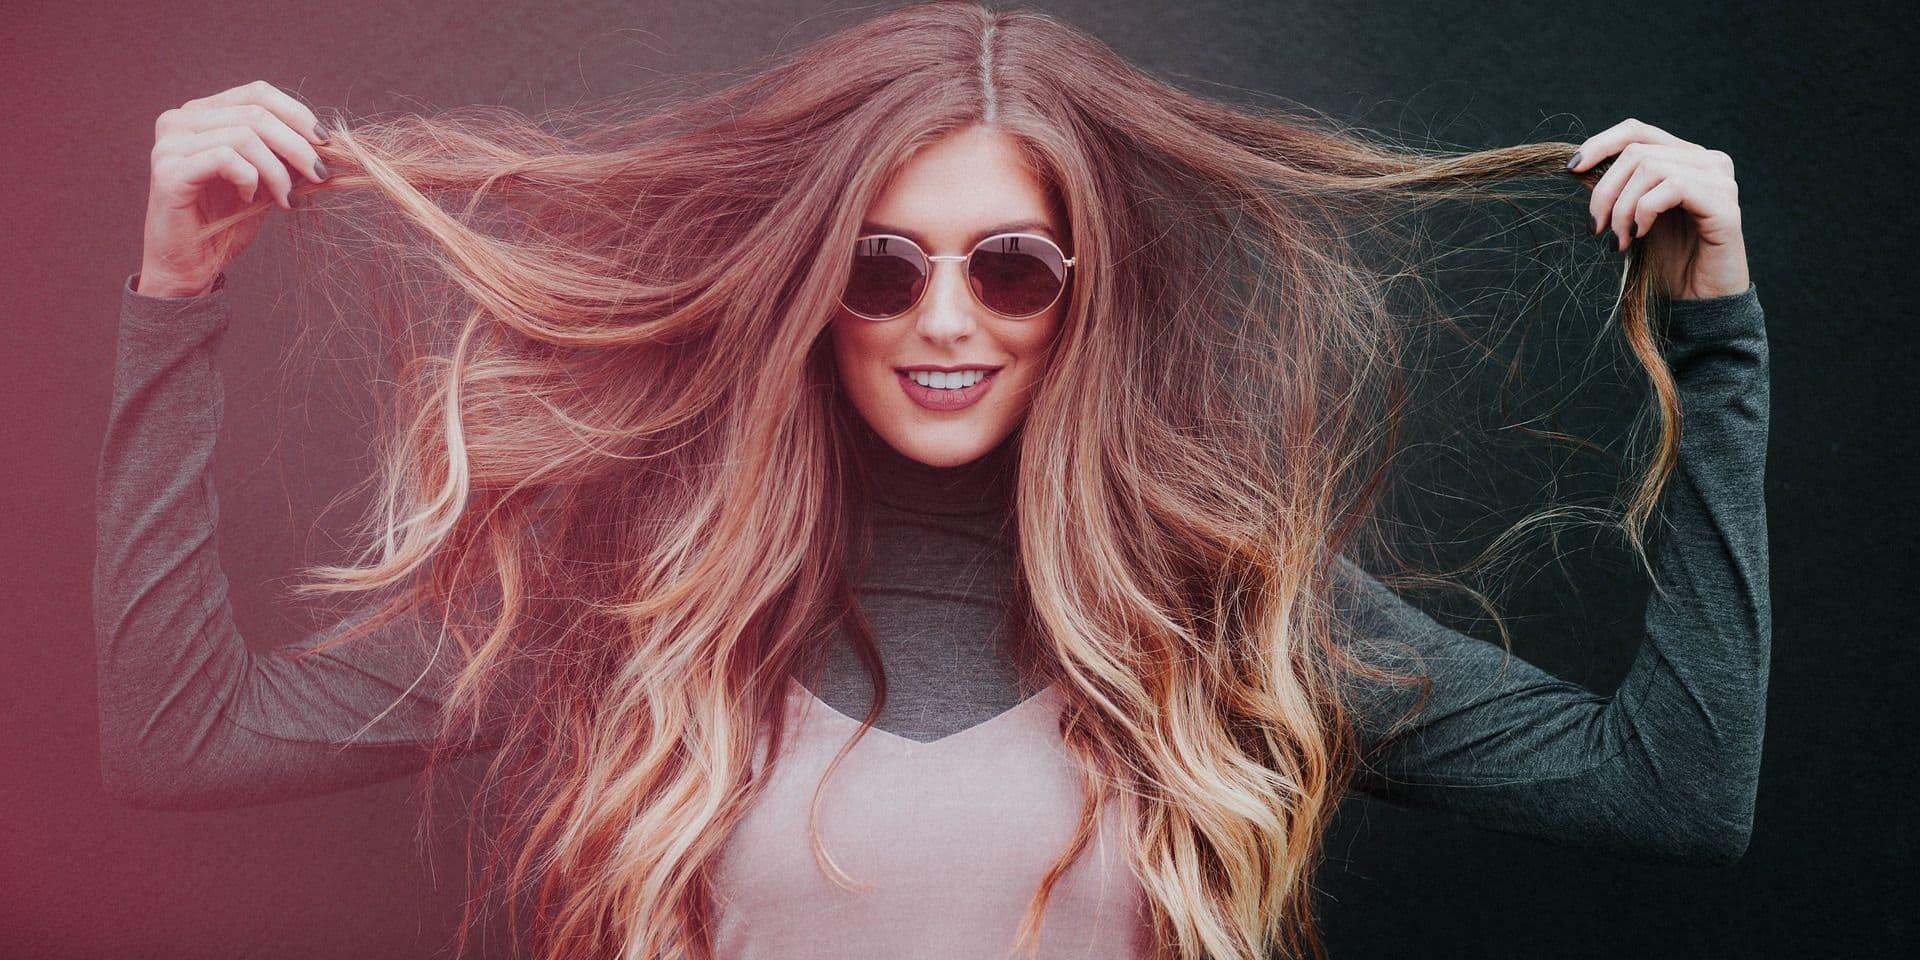 Chute de cheveux: comment savoir s'il faut ou non s'inquiéter et que faire?